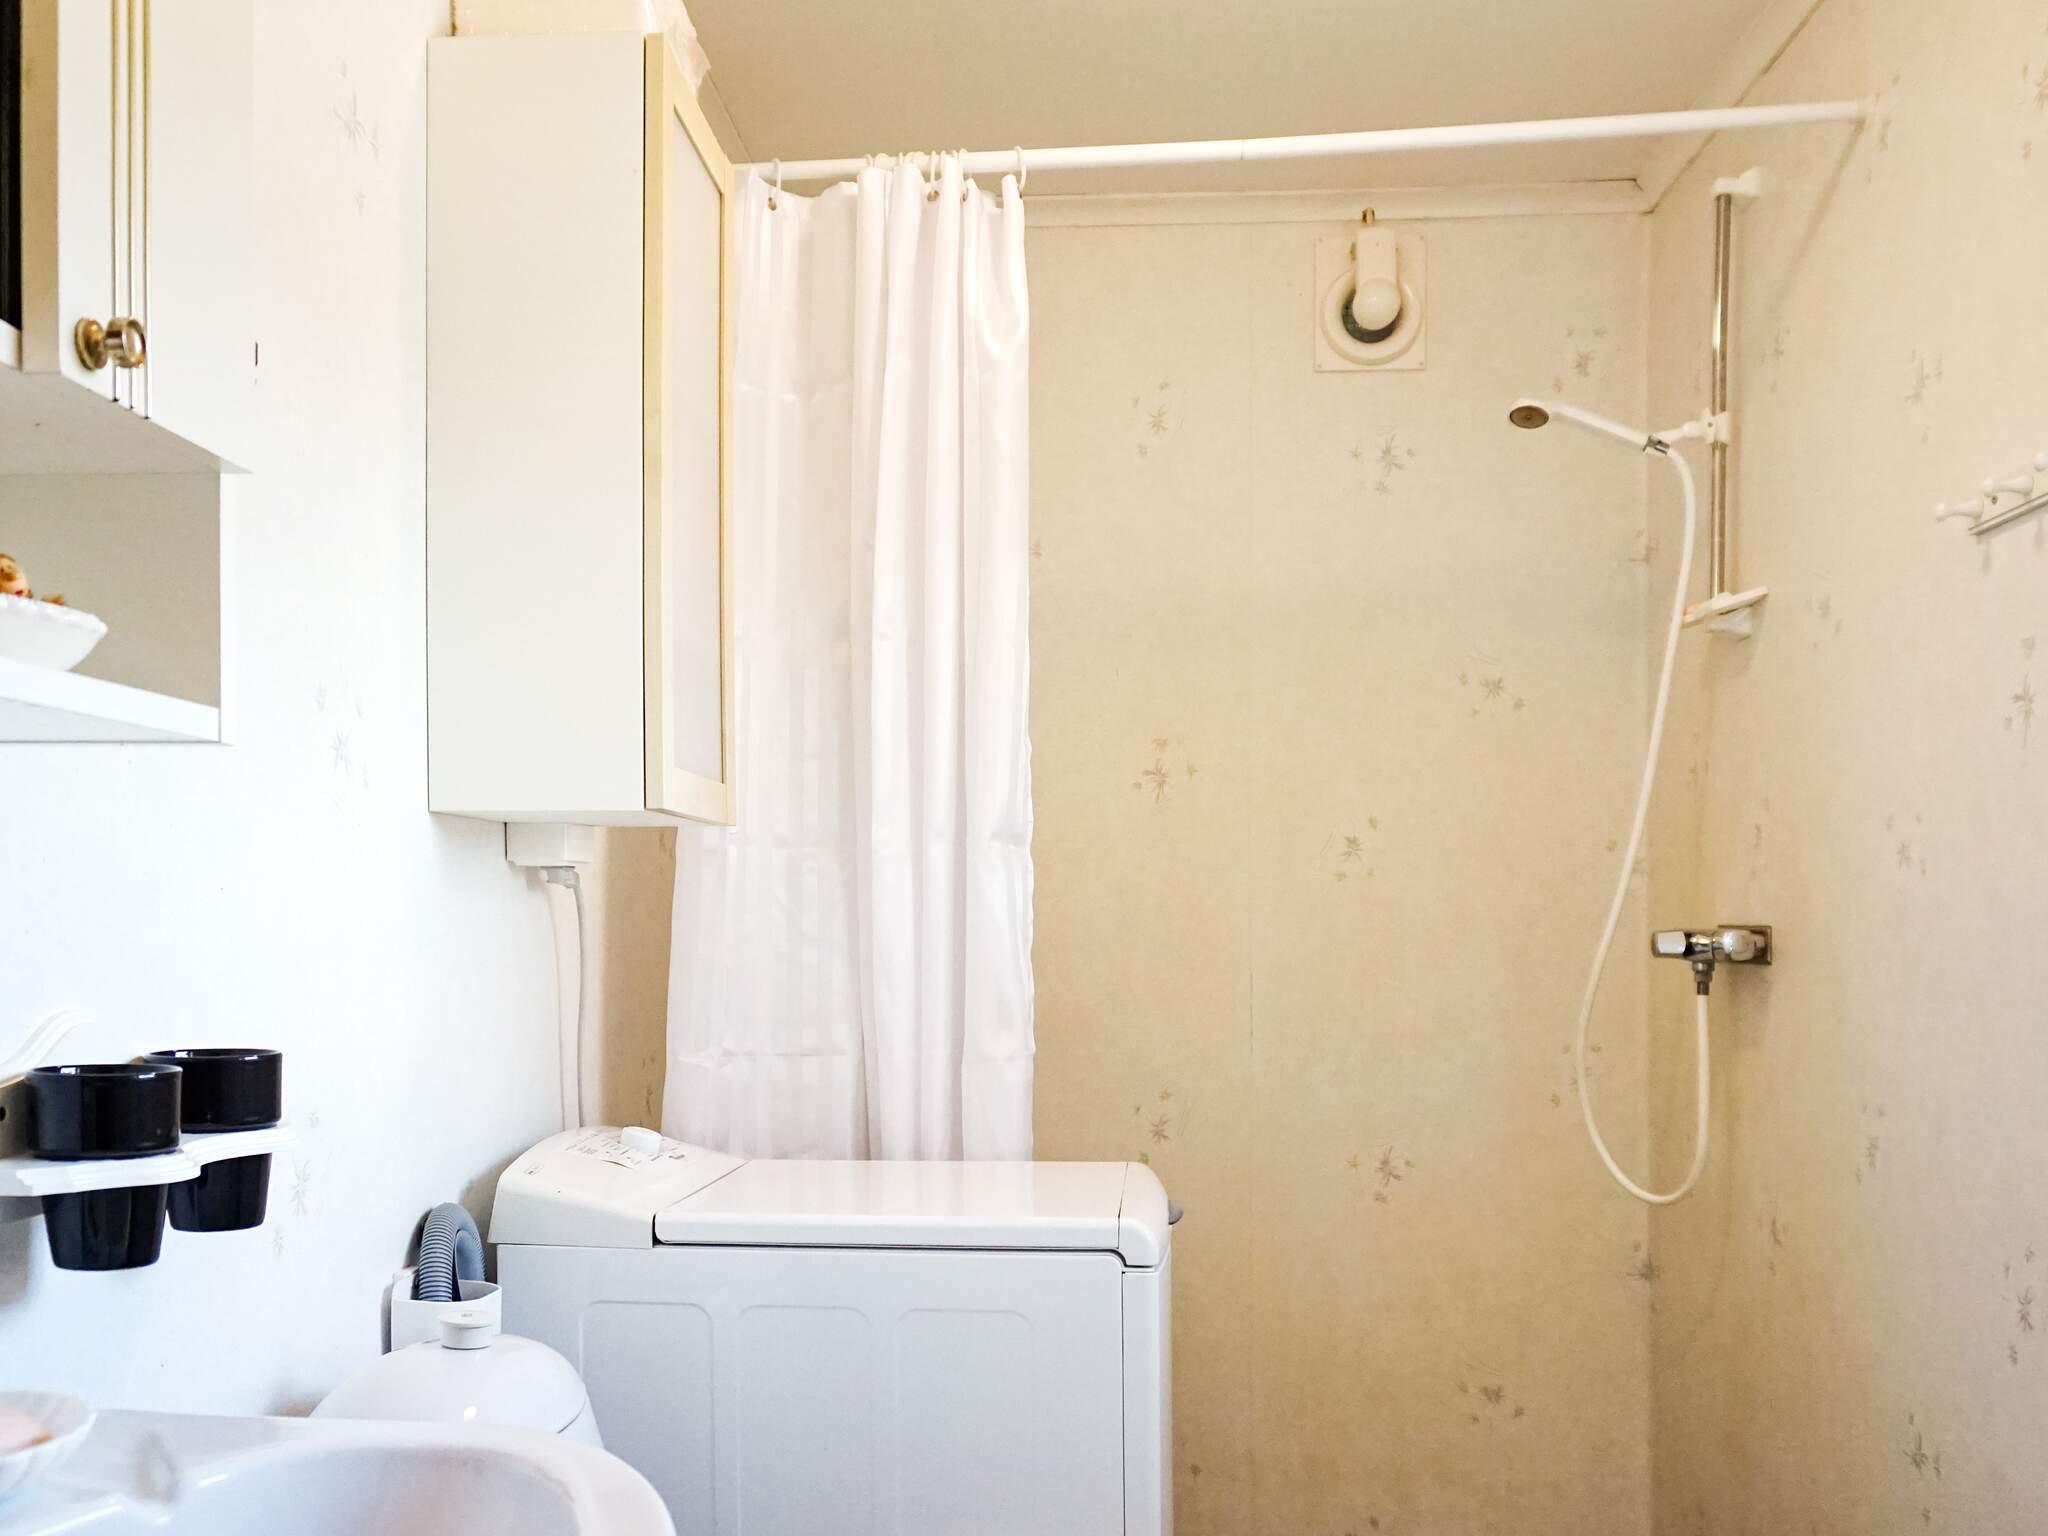 Ferienhaus Raftötången (2617885), Tanumshede, Västra Götaland län, Westschweden, Schweden, Bild 11